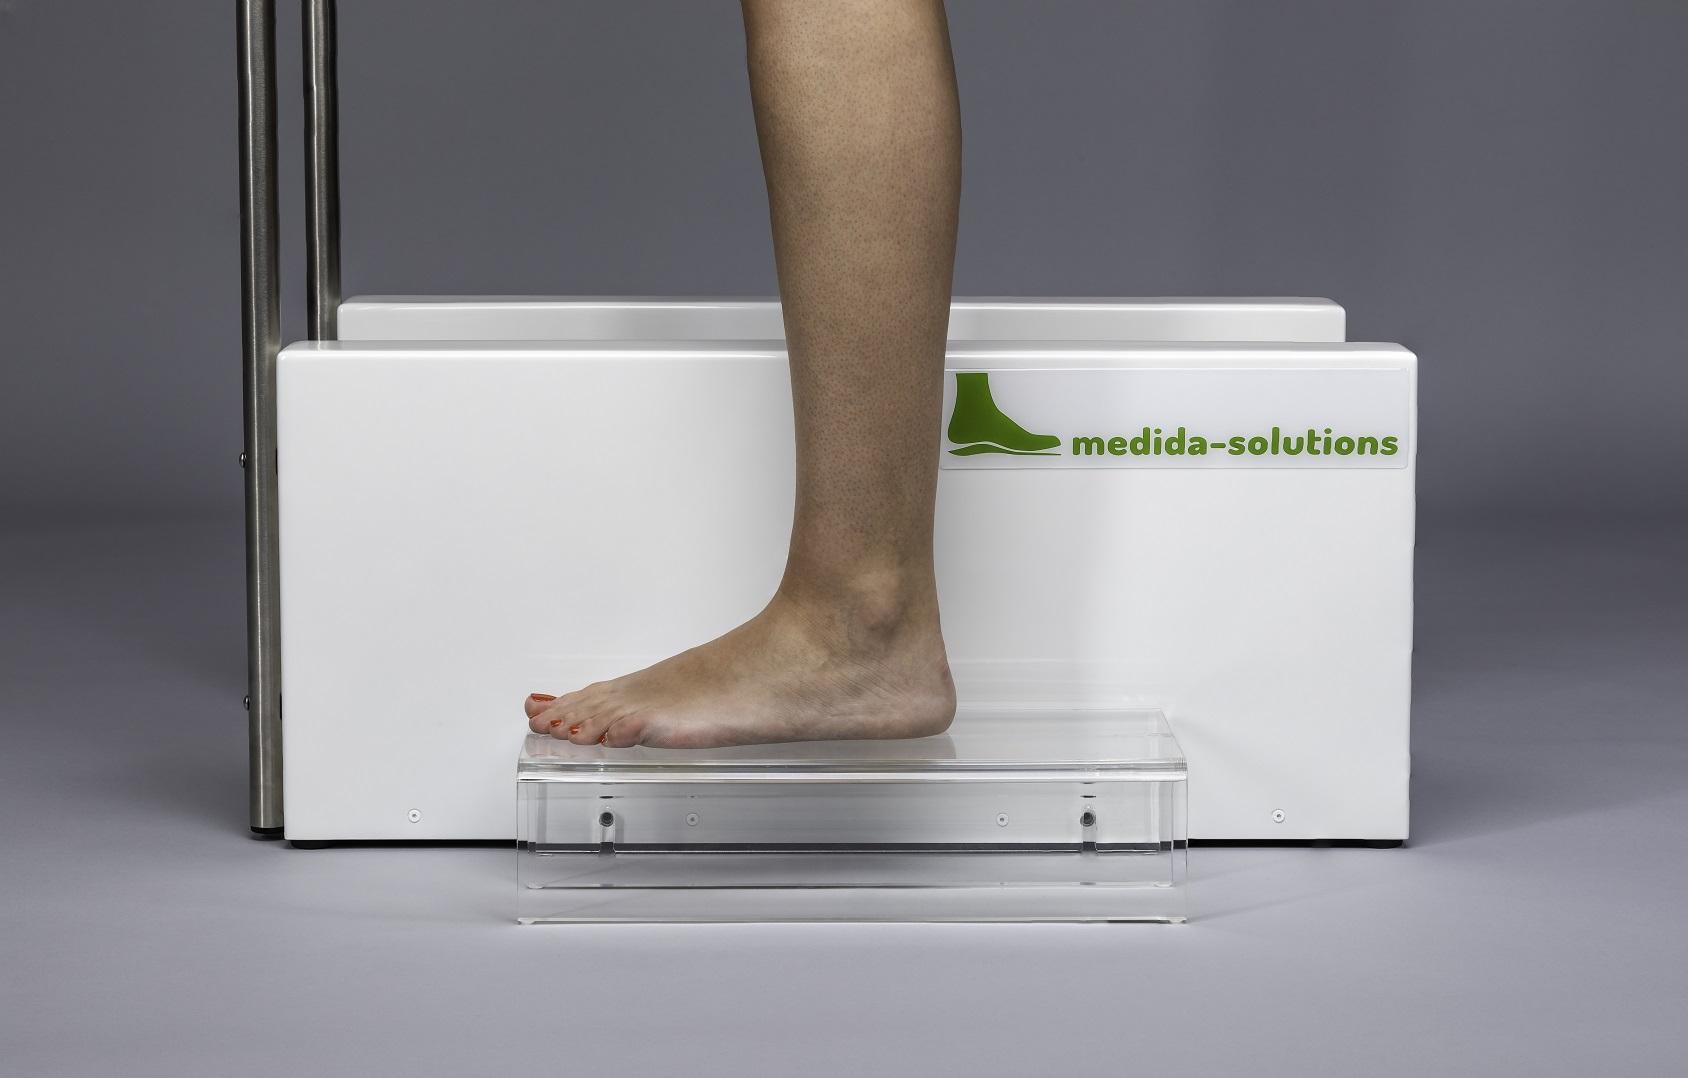 Medida 3D Voetscanner